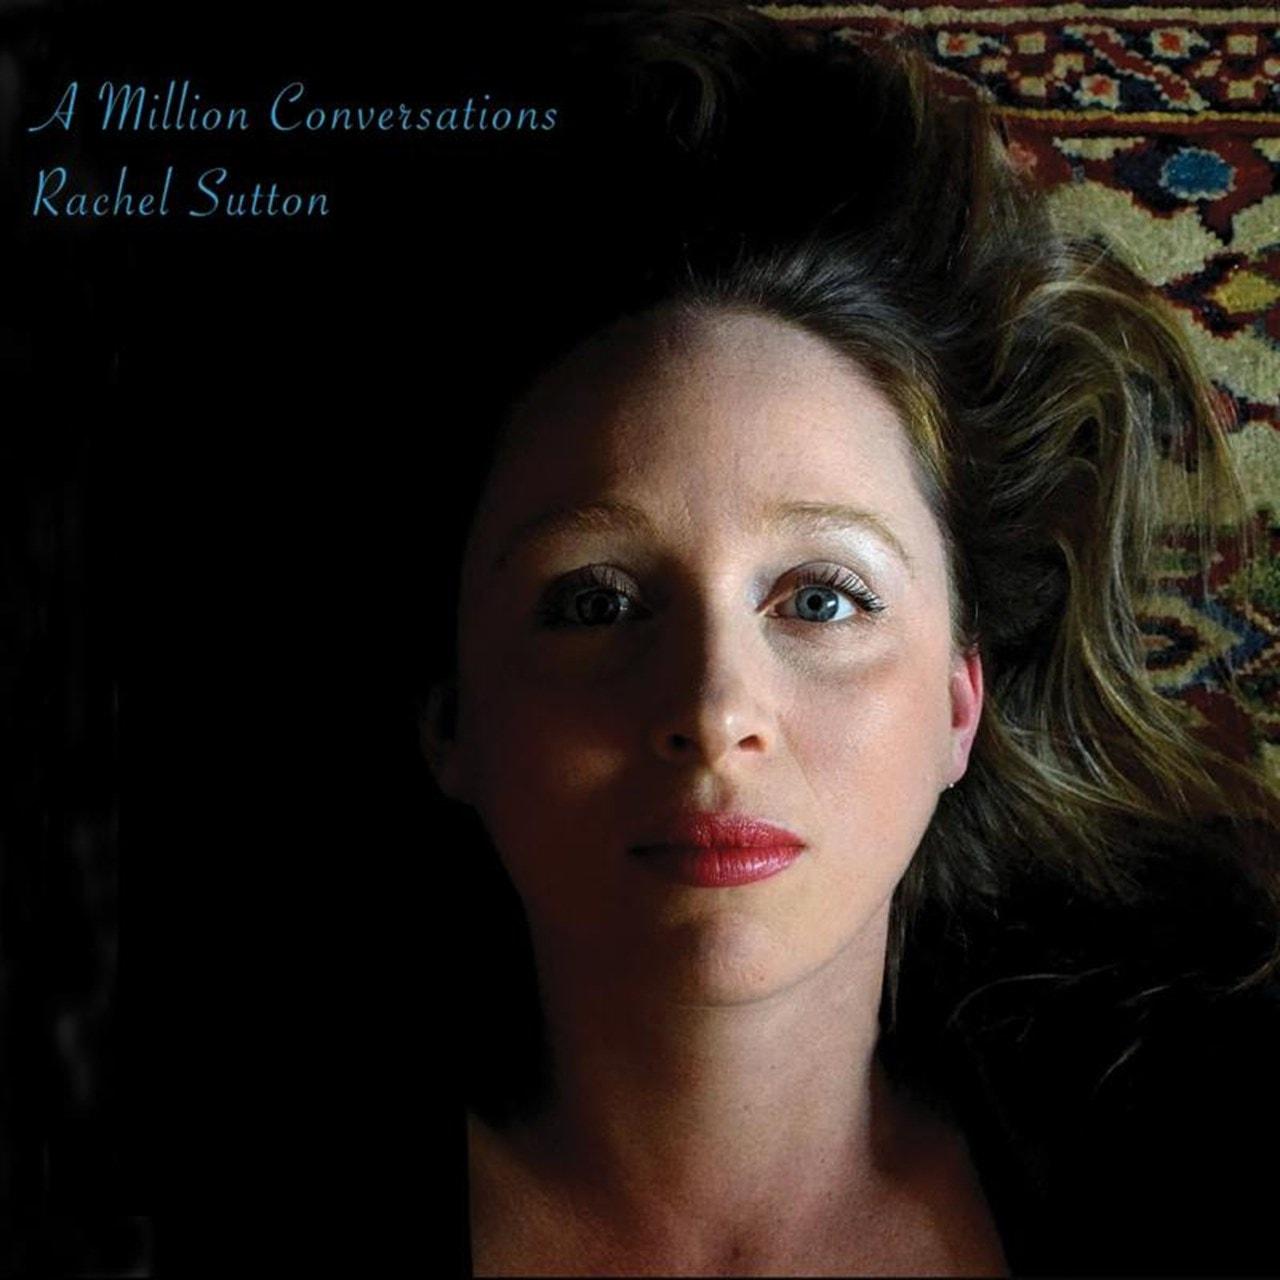 A Million Conversations - 1